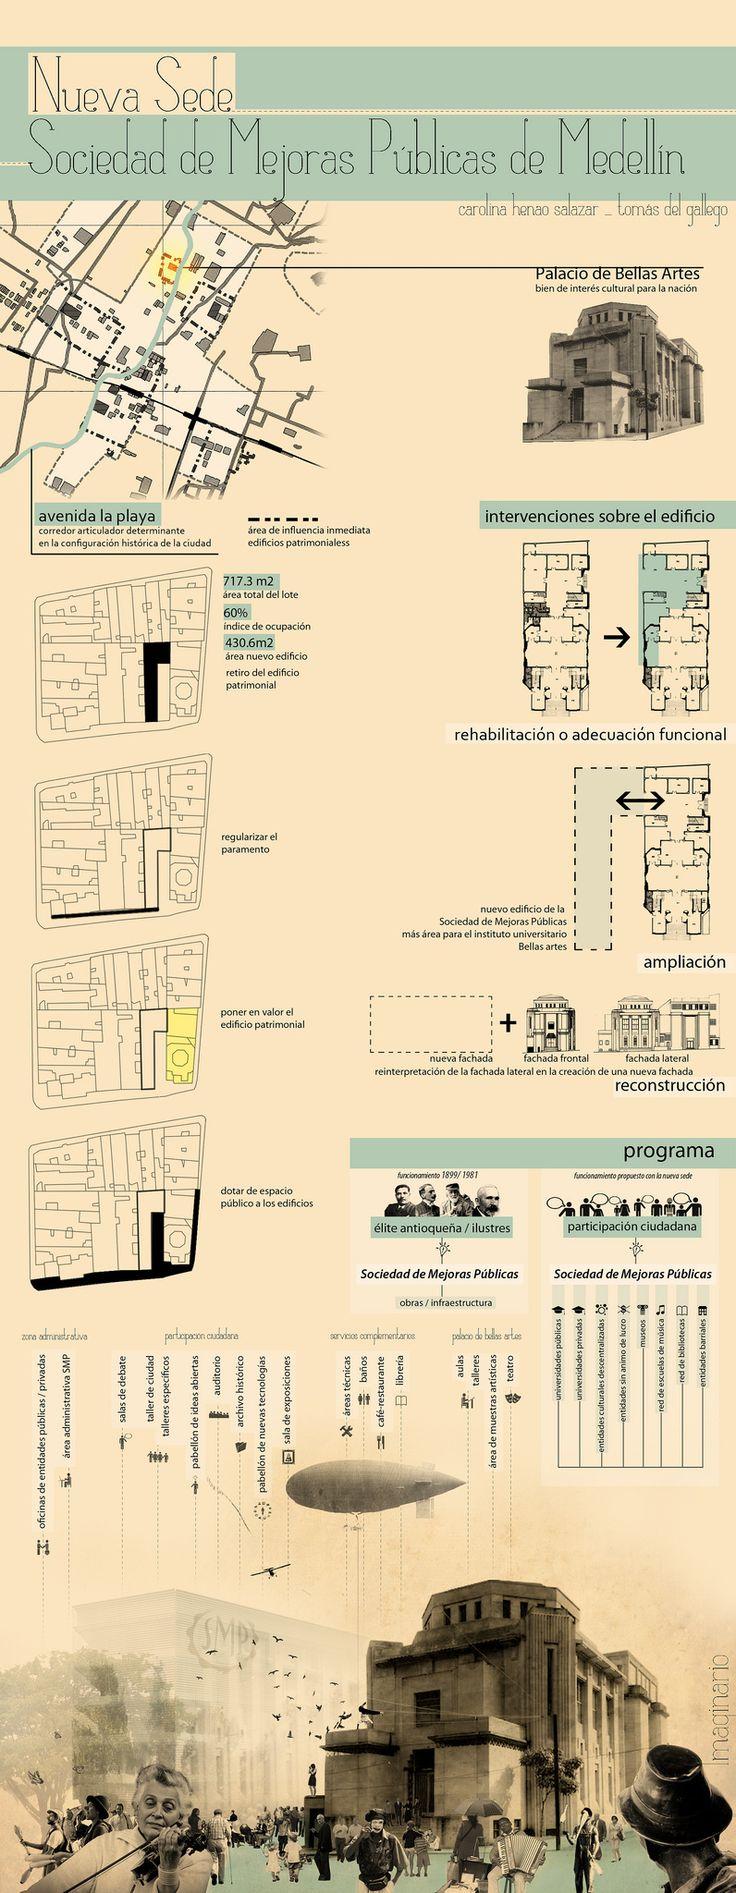 https://flic.kr/p/boqtVo | plancha de asesoría | Primer acercamiento al lugar. Asesoría Proyectos 9 Edificio Cultural (Programa en definición) Carolina Henao Salazar Tomás Del Gallego